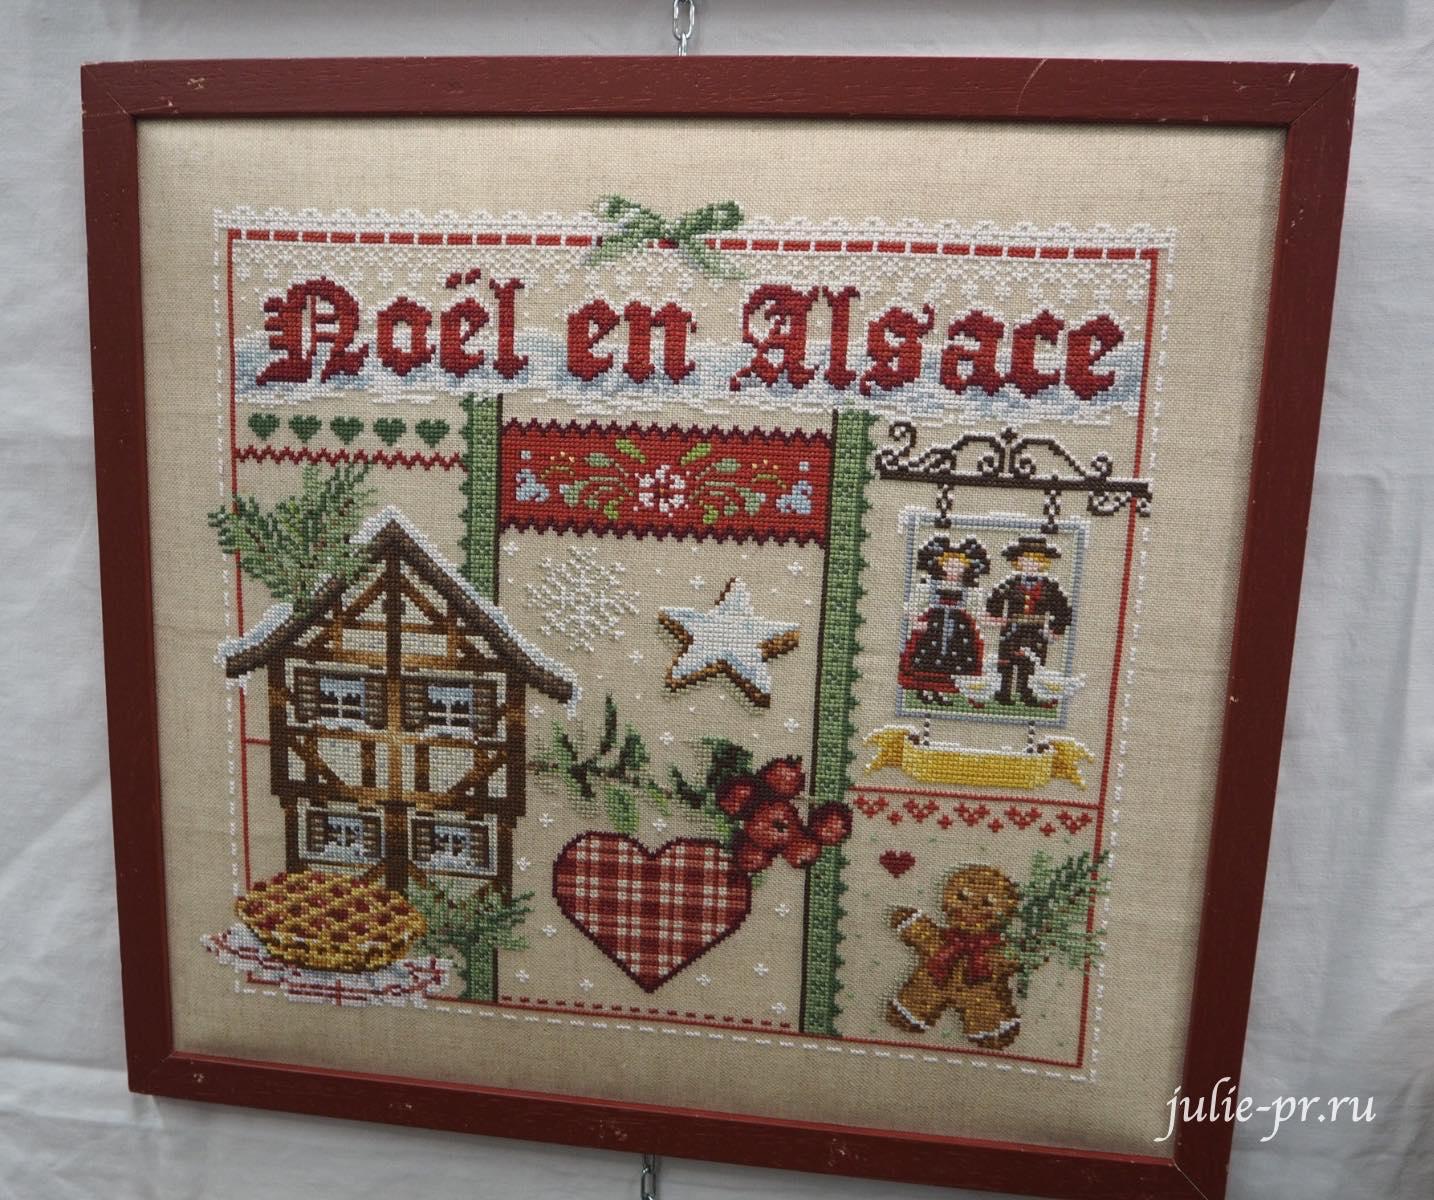 Madame la Fee - Noel en Alsace, вышивка крестом, Création autour du fil